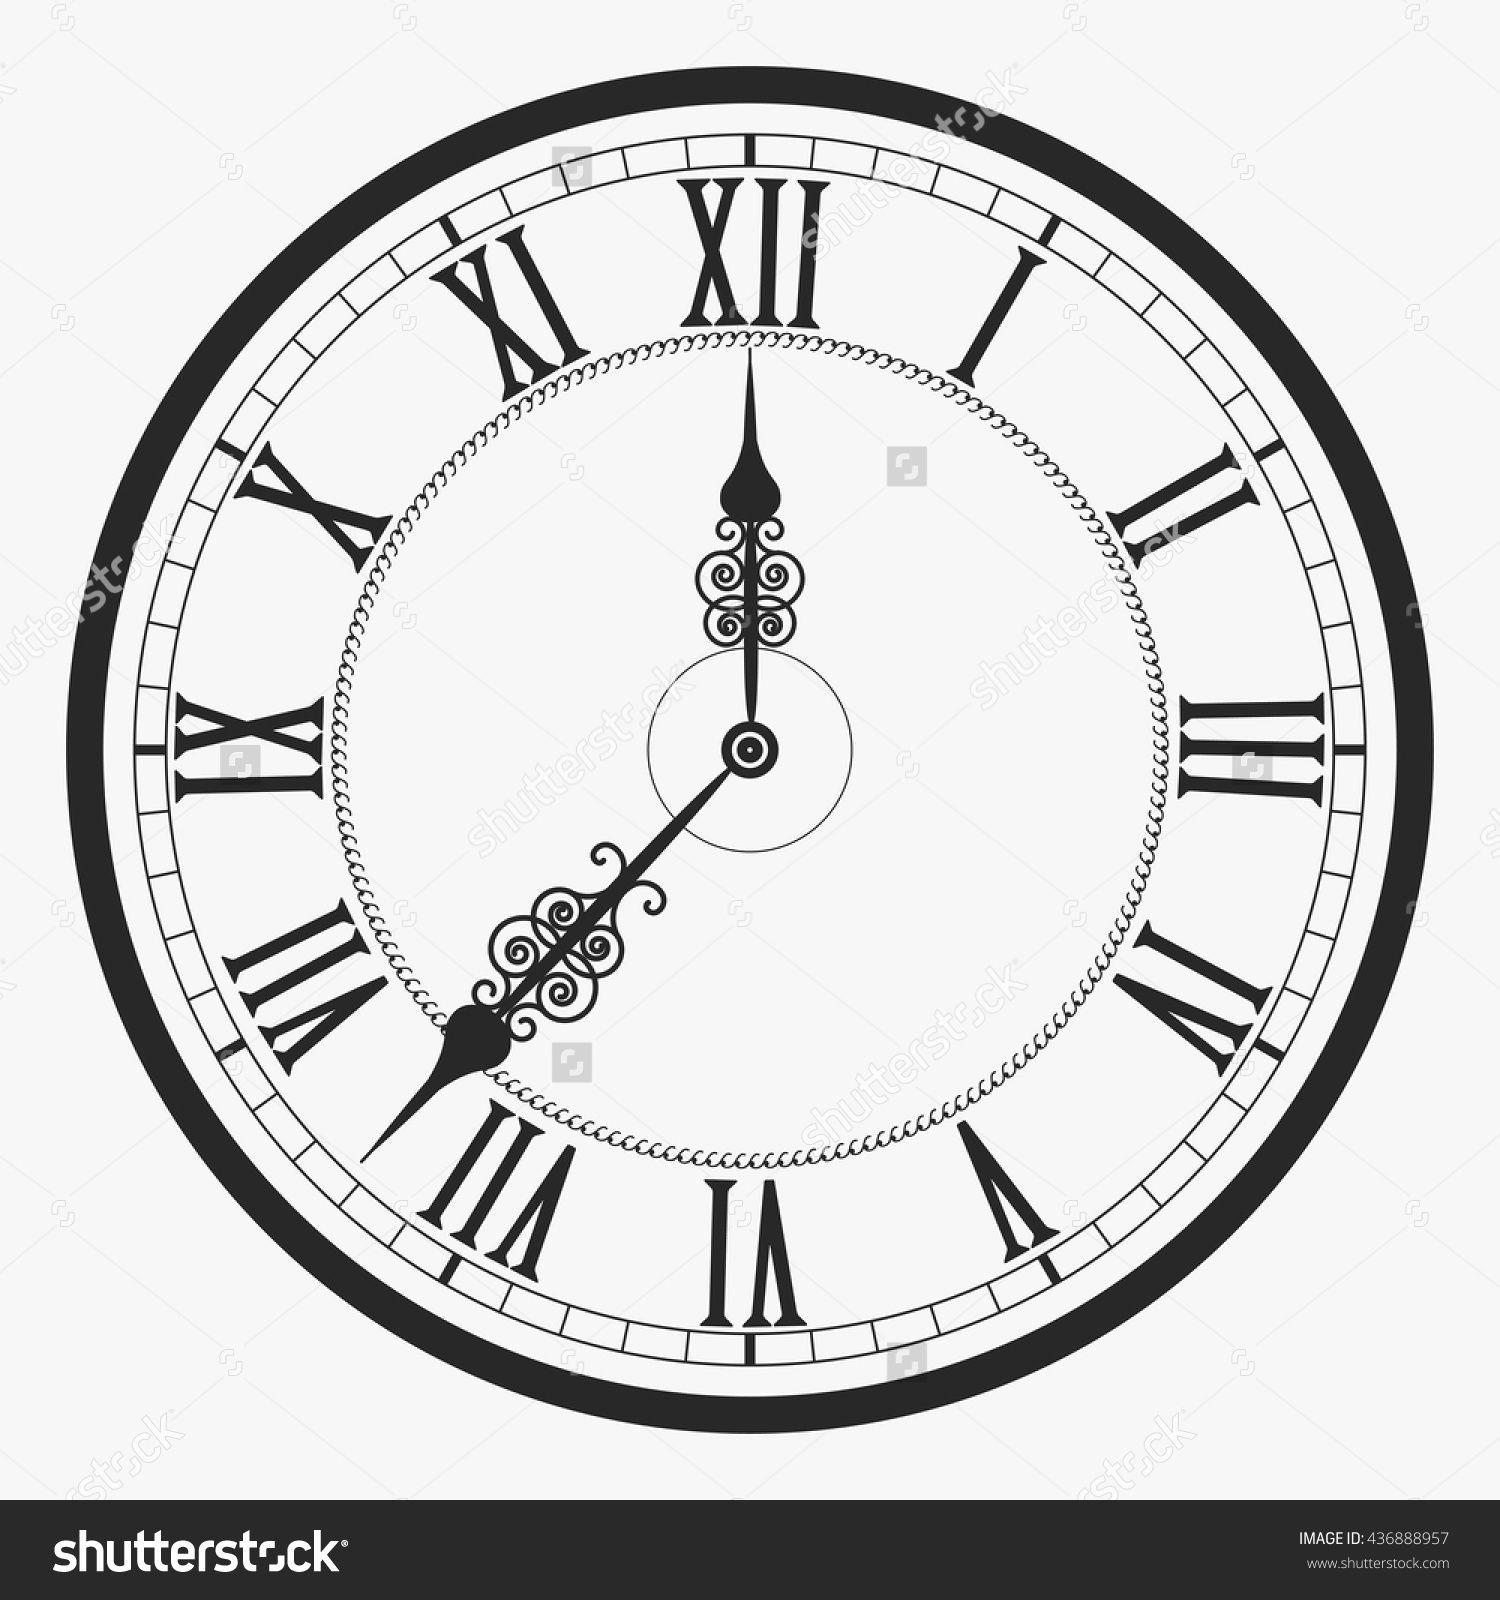 Calendario En Blanco Para Imprimir 2019 Más Caliente Resultado De Imagem Para Clock Tattoo Designs Tattoo Of Calendario En Blanco Para Imprimir 2019 Actual Best Calendario Mes De Octubre Y Noviembre 2018 Image Collection